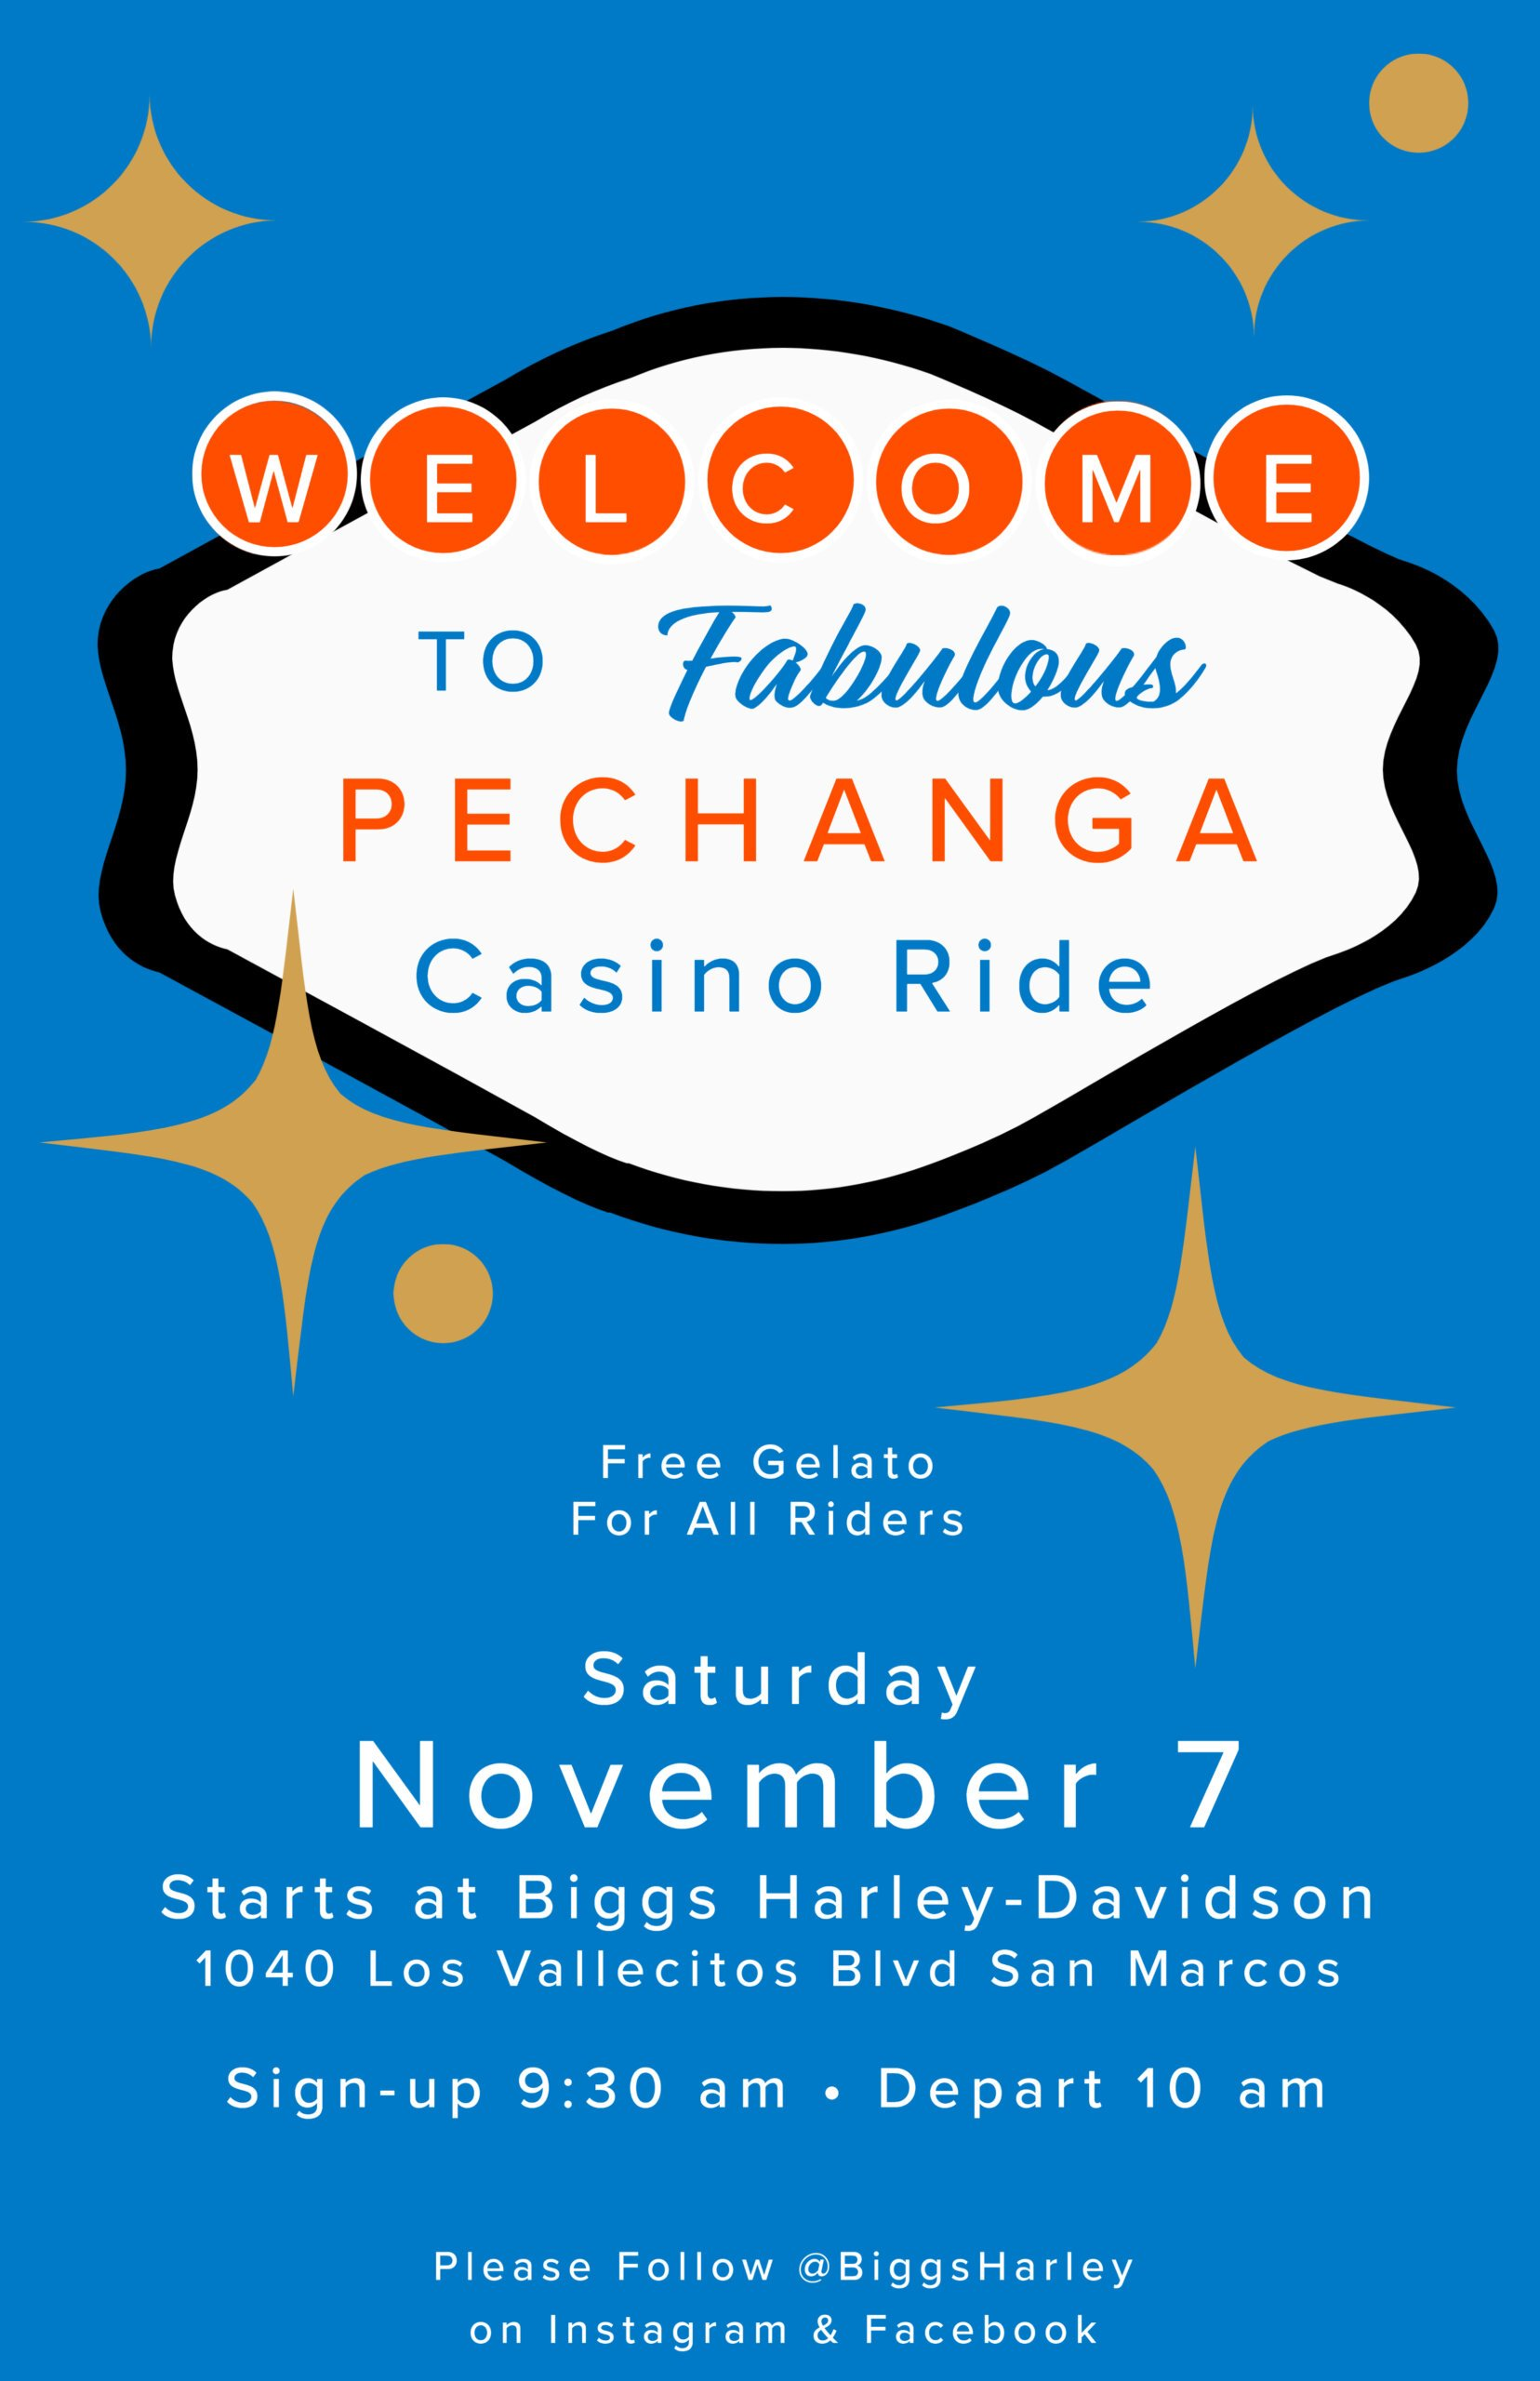 Pechanga Casino Ride